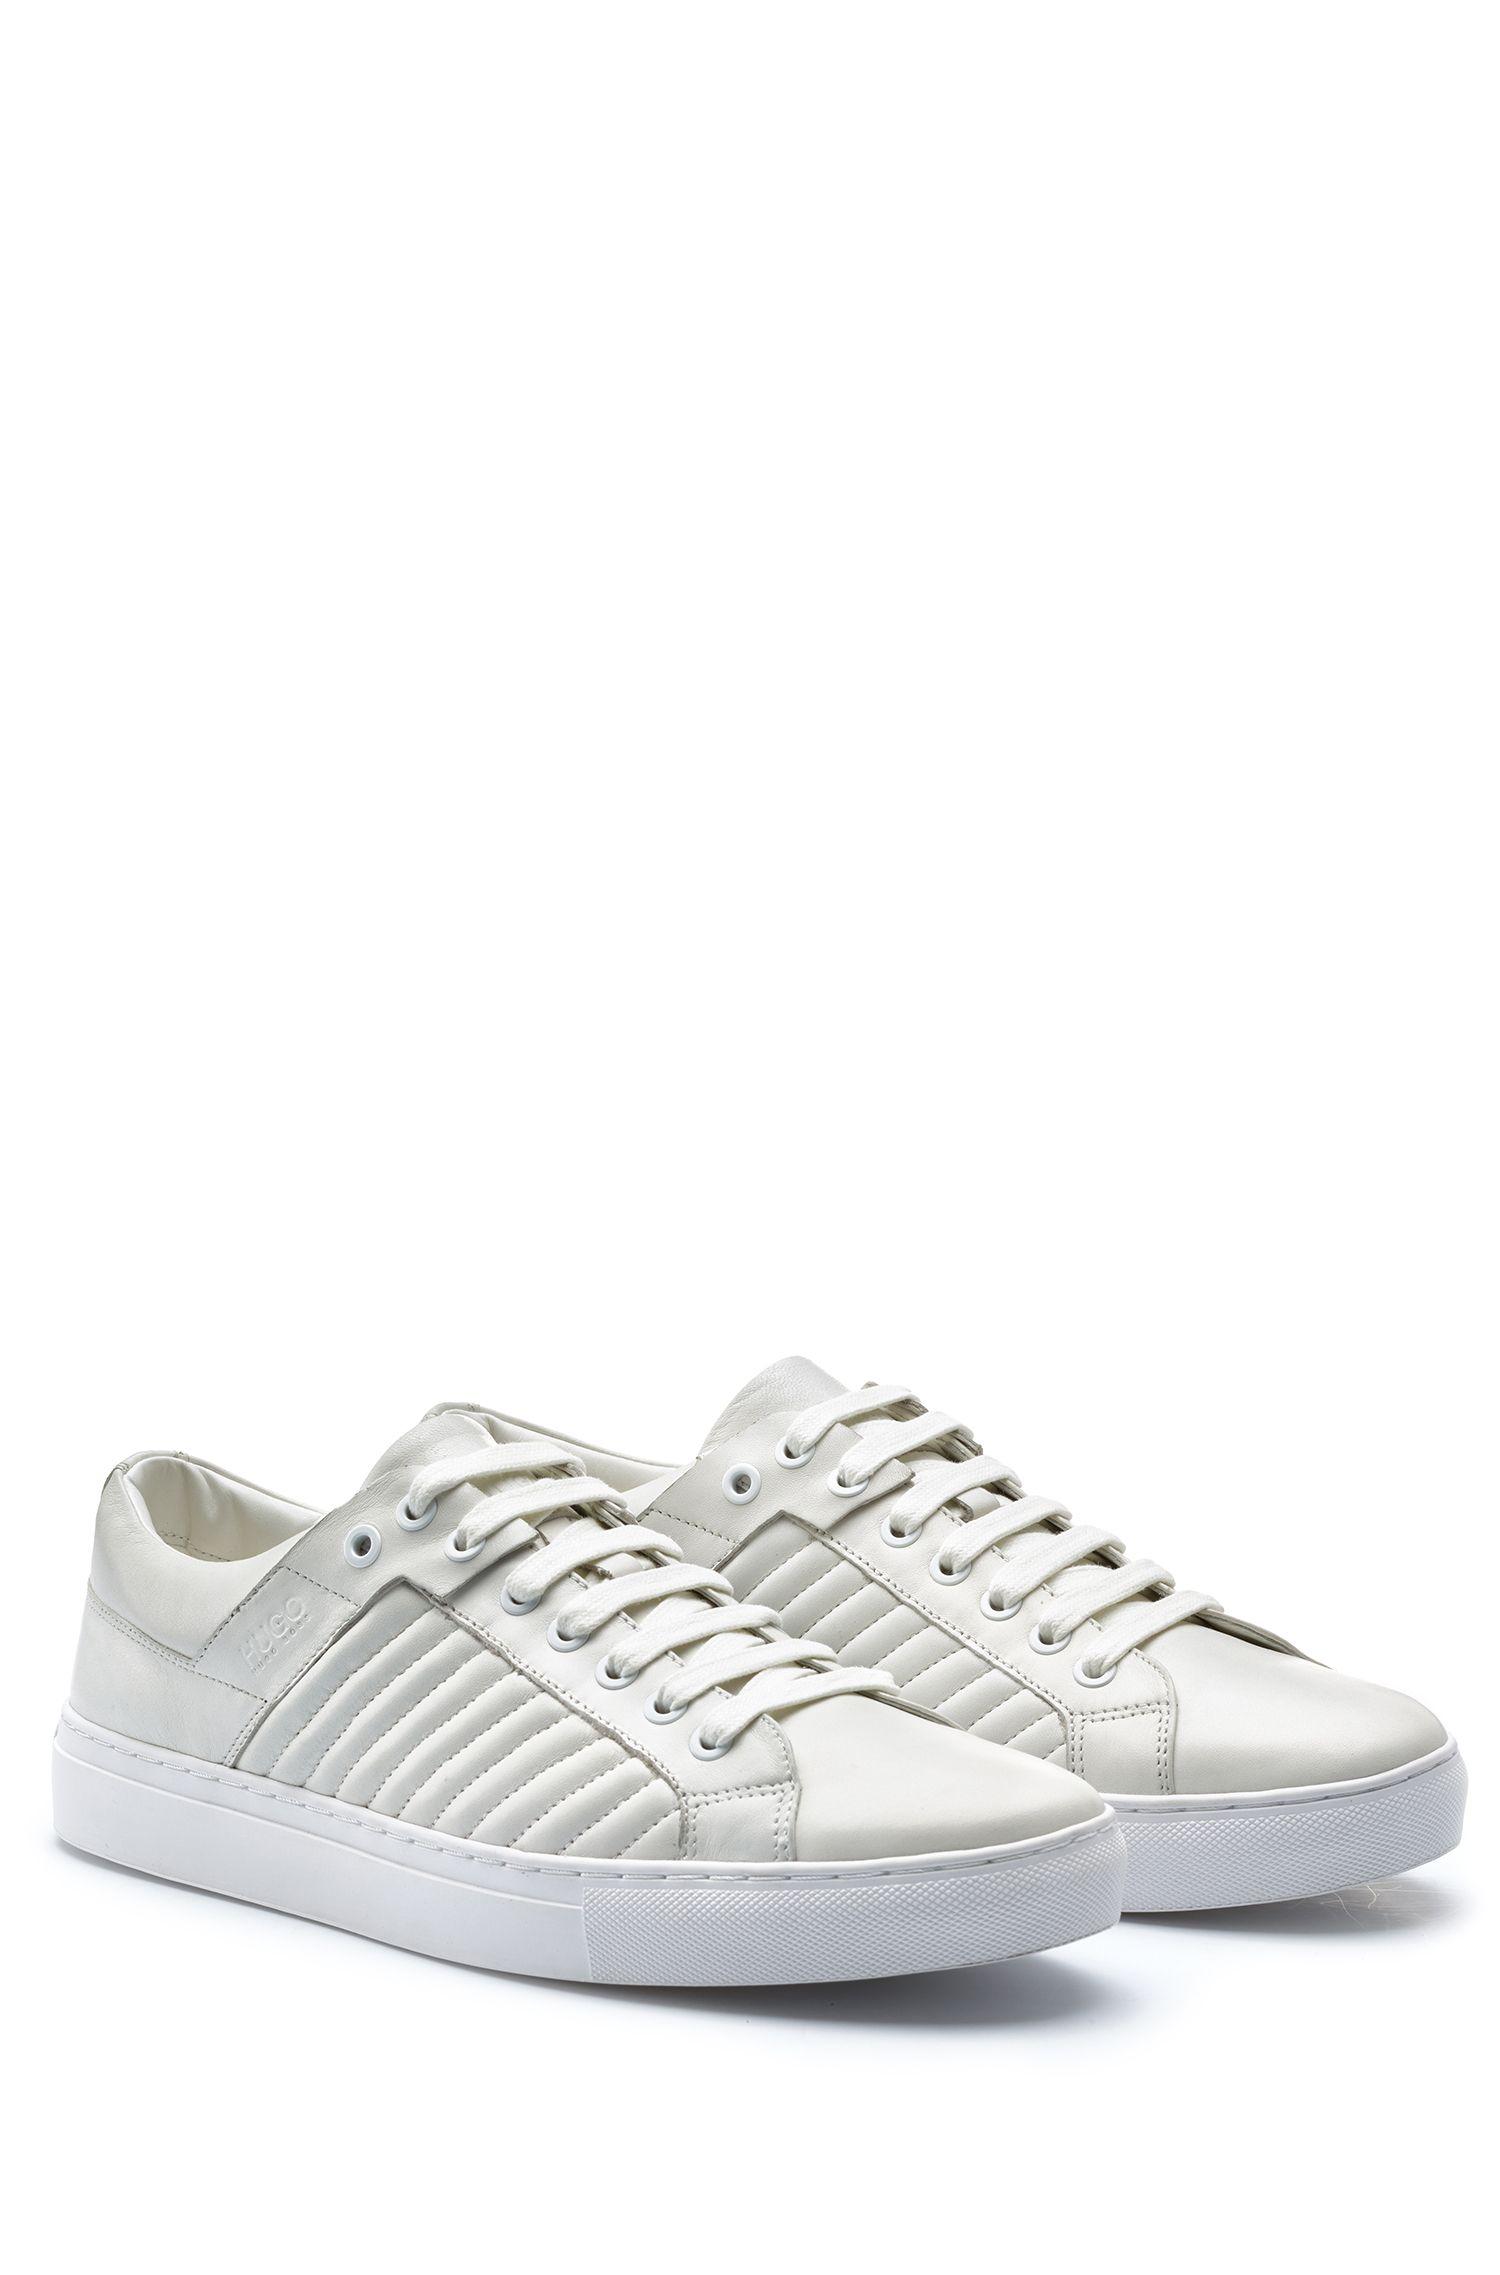 Sneakers in tennisstijl, van lamsleer met matelassé-details